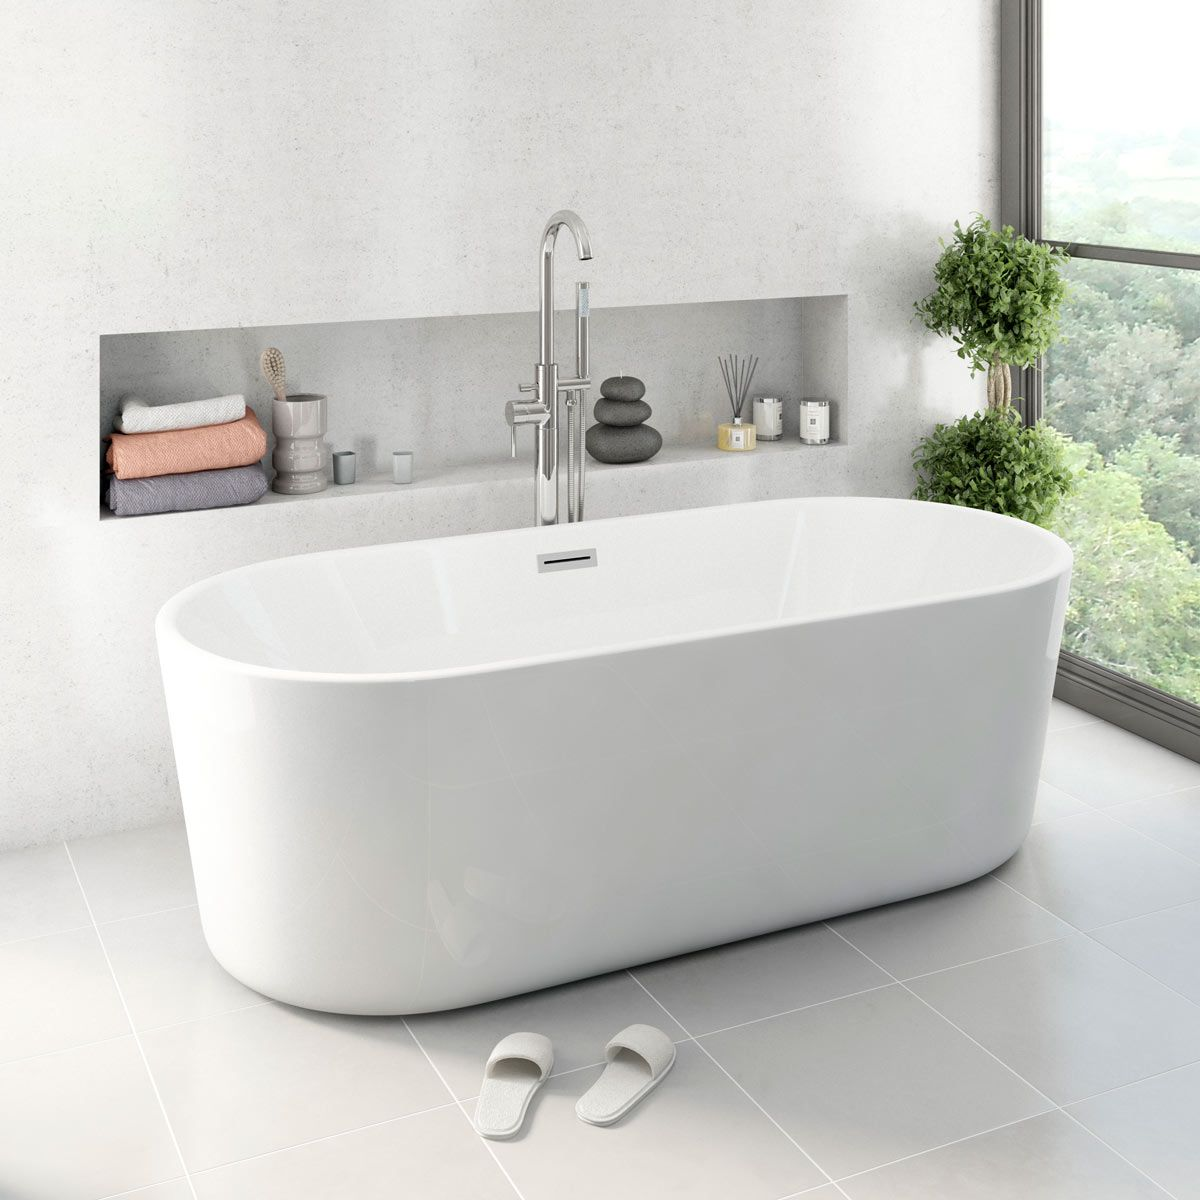 Mode Tate freestanding bath | Pinterest | Freestanding bath, Ocean ...